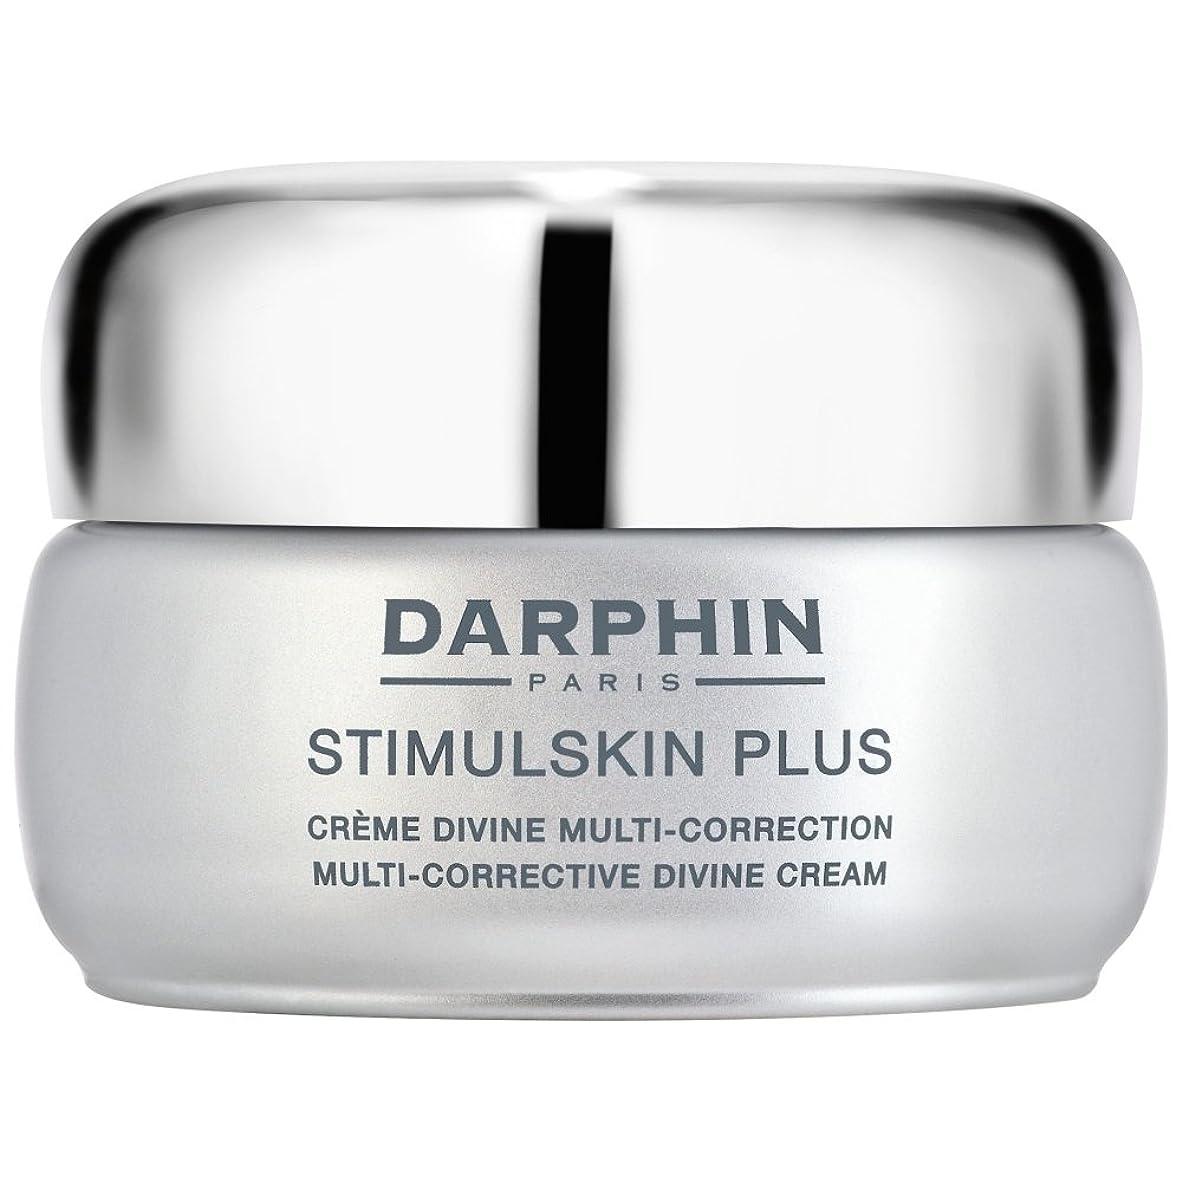 シンジケートテニス起こるスティプラスマルチ是正神のクリームダルファン、50ミリリットル (Darphin) - Darphin Stimulskin Plus Multi-Corrective Divine Cream, 50ml [並行輸入品]